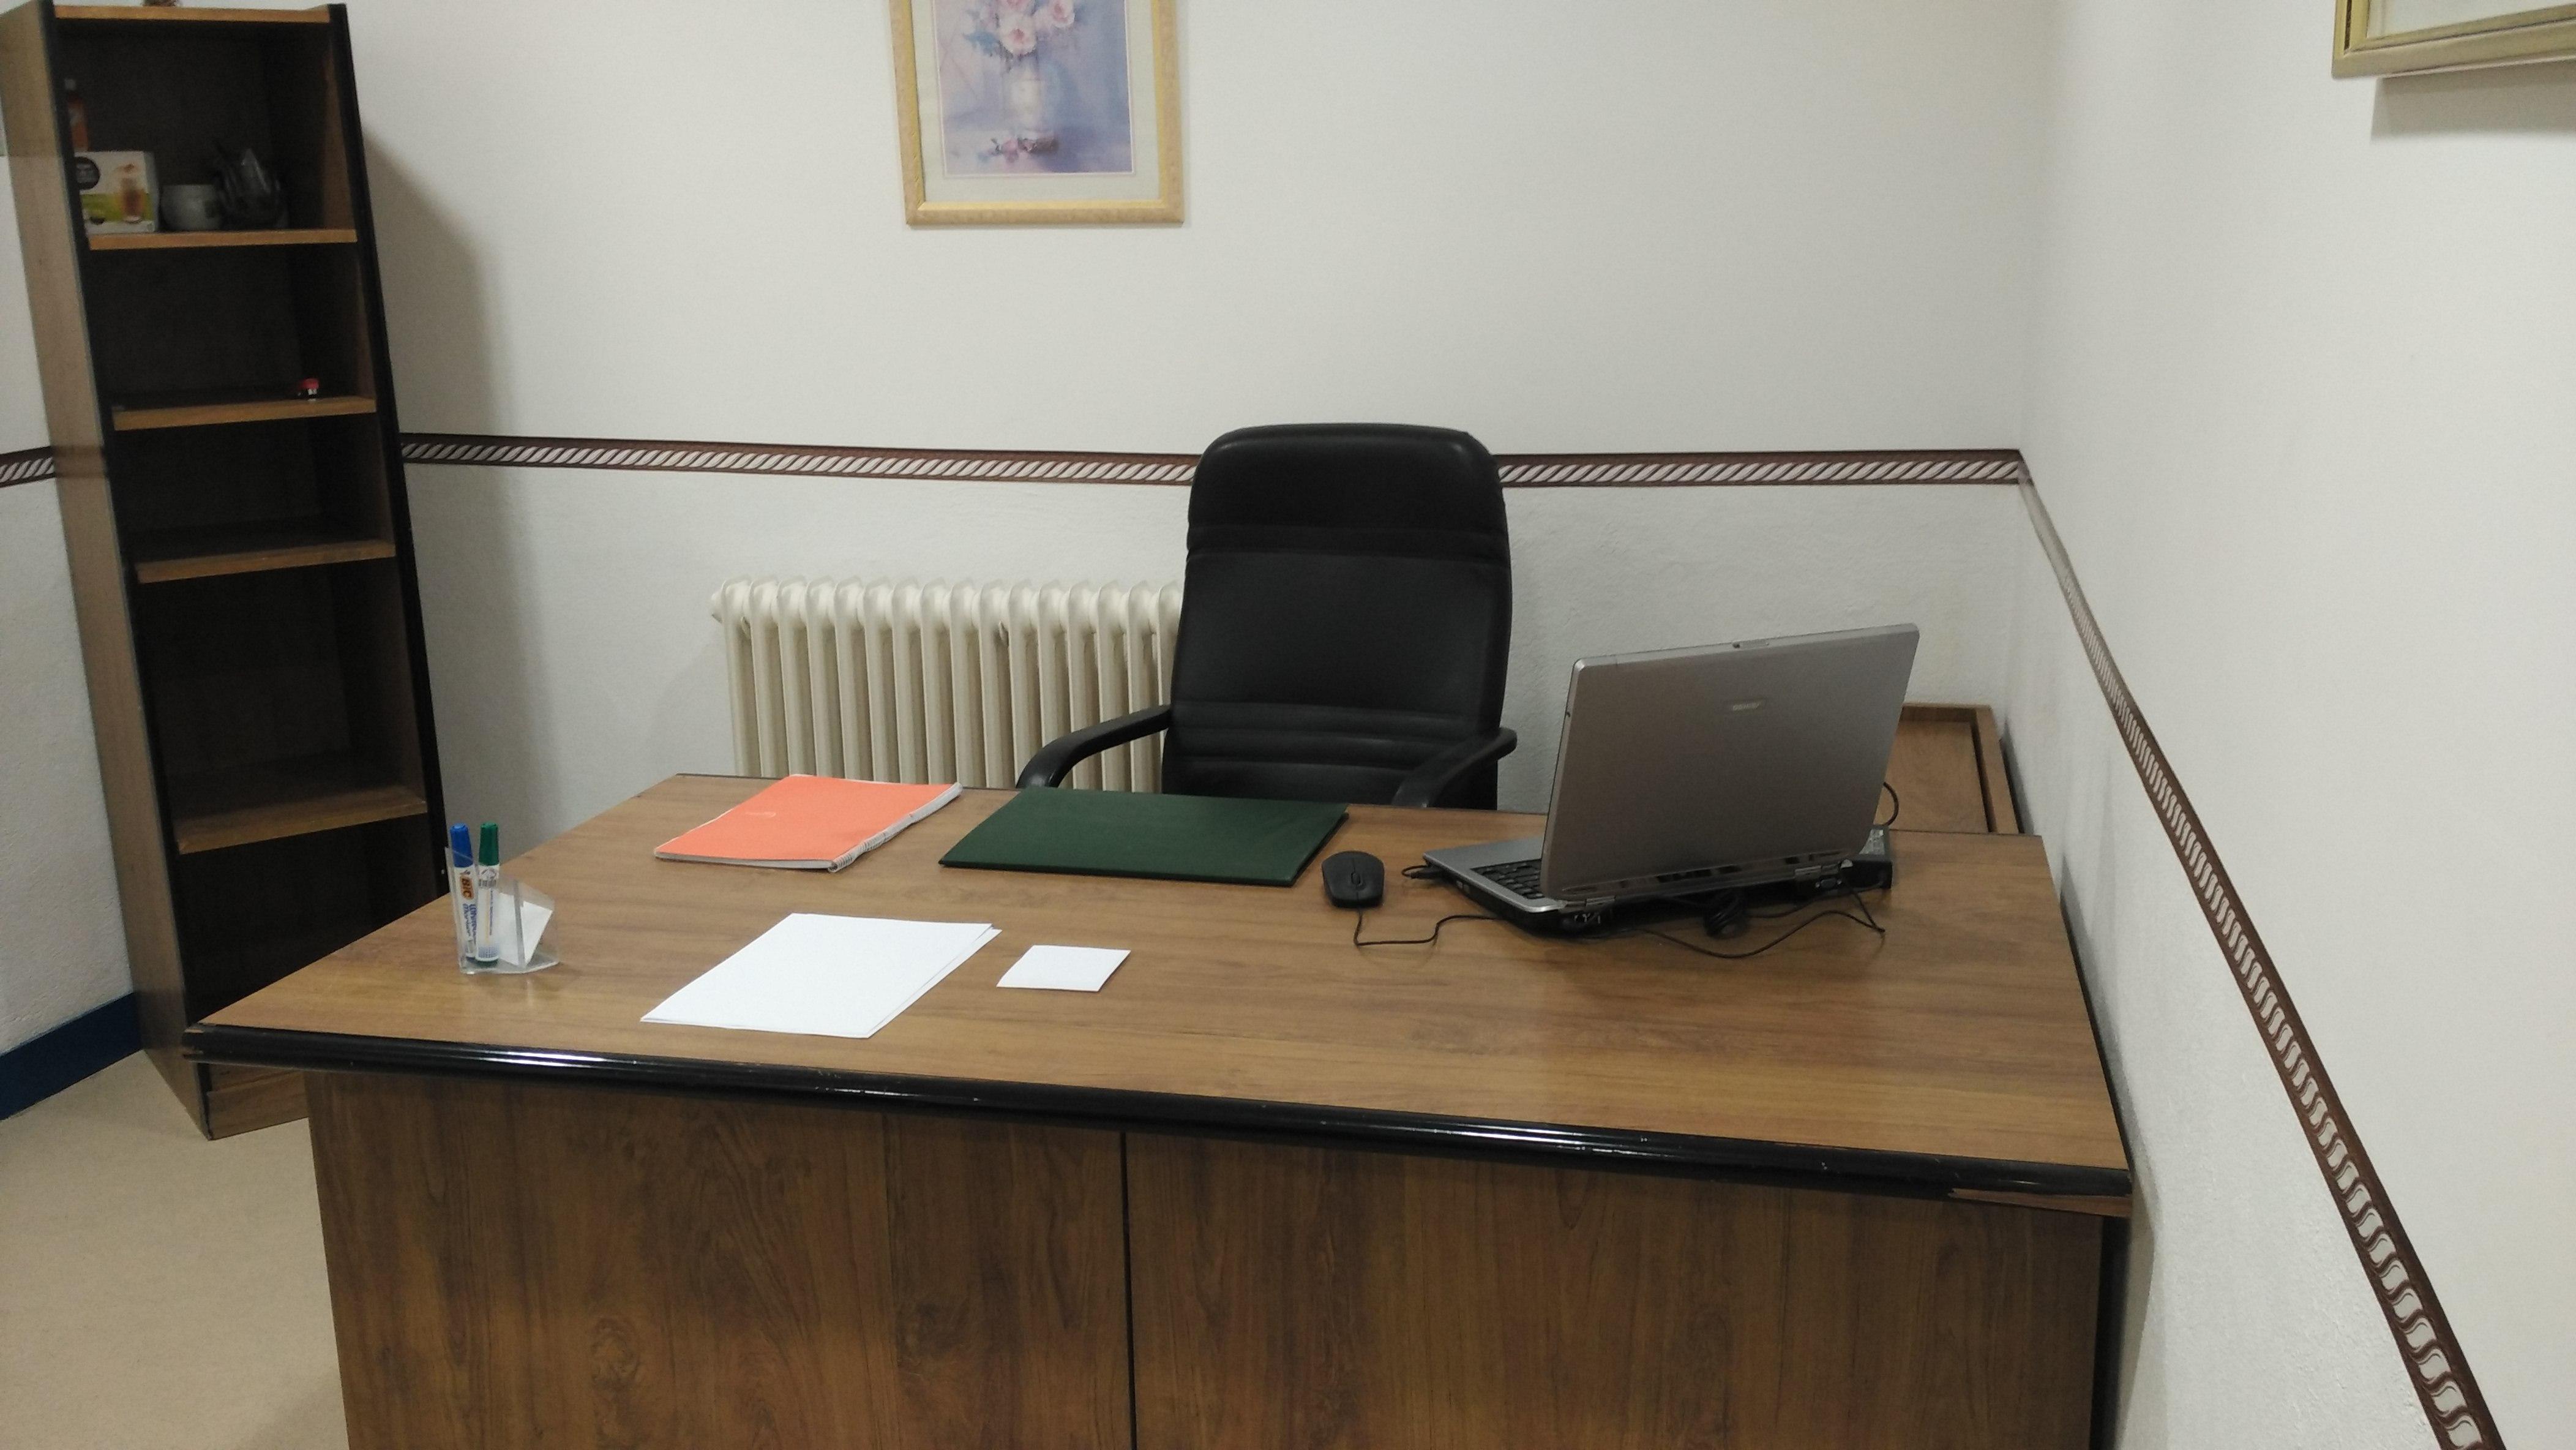 Foto de despachos profesionales con gastos incluidos